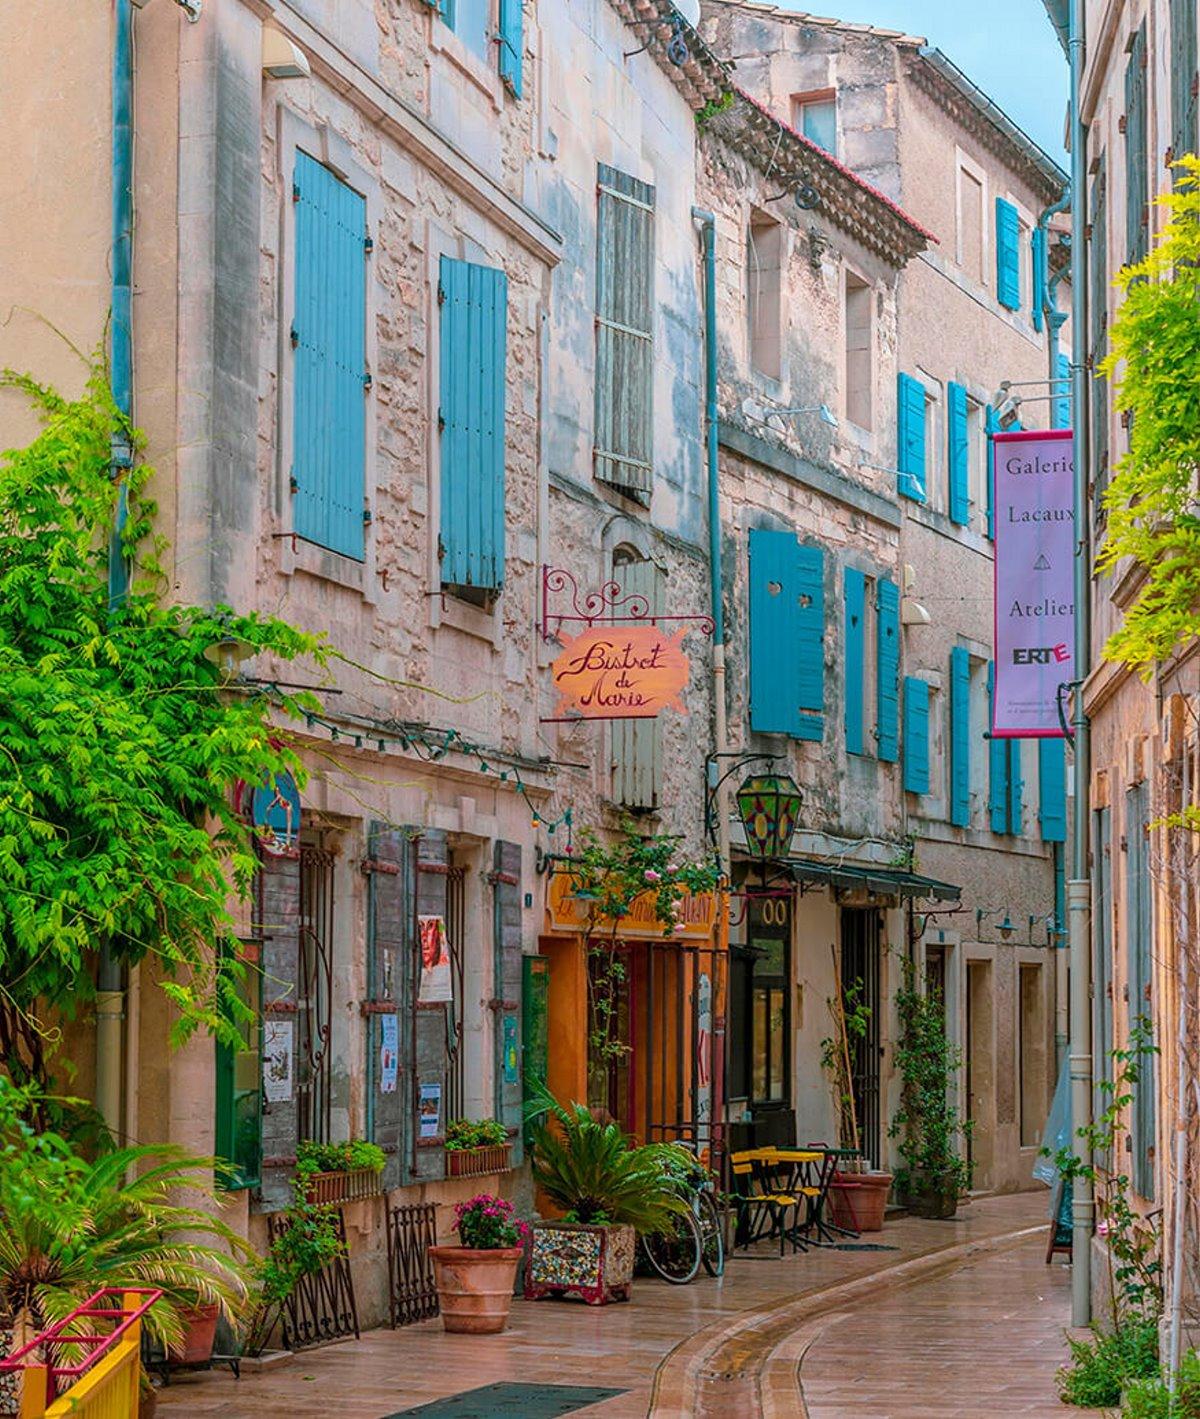 κουκλίστικα σοκάκια στην όμορφη provence στη Γαλλία